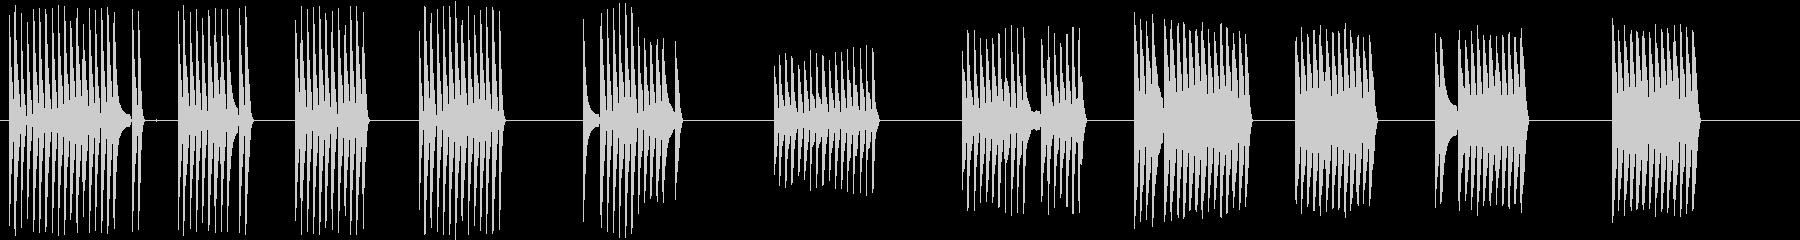 トーンオープンクローズフィルターの未再生の波形